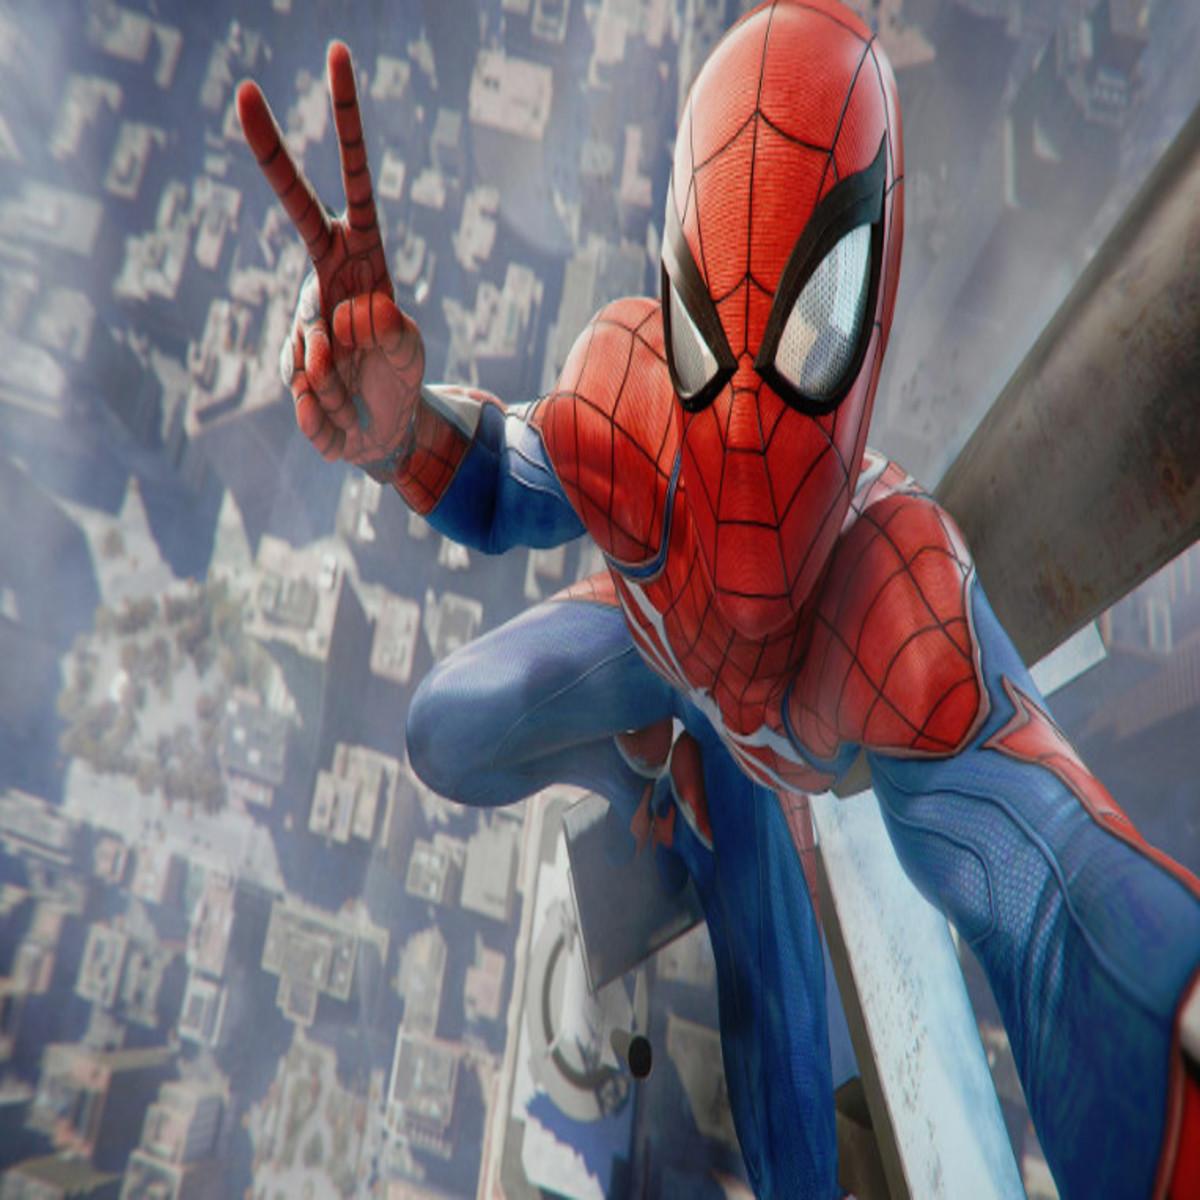 متطلبات تشغيل لعبة spider man 2018 للكمبيوتر